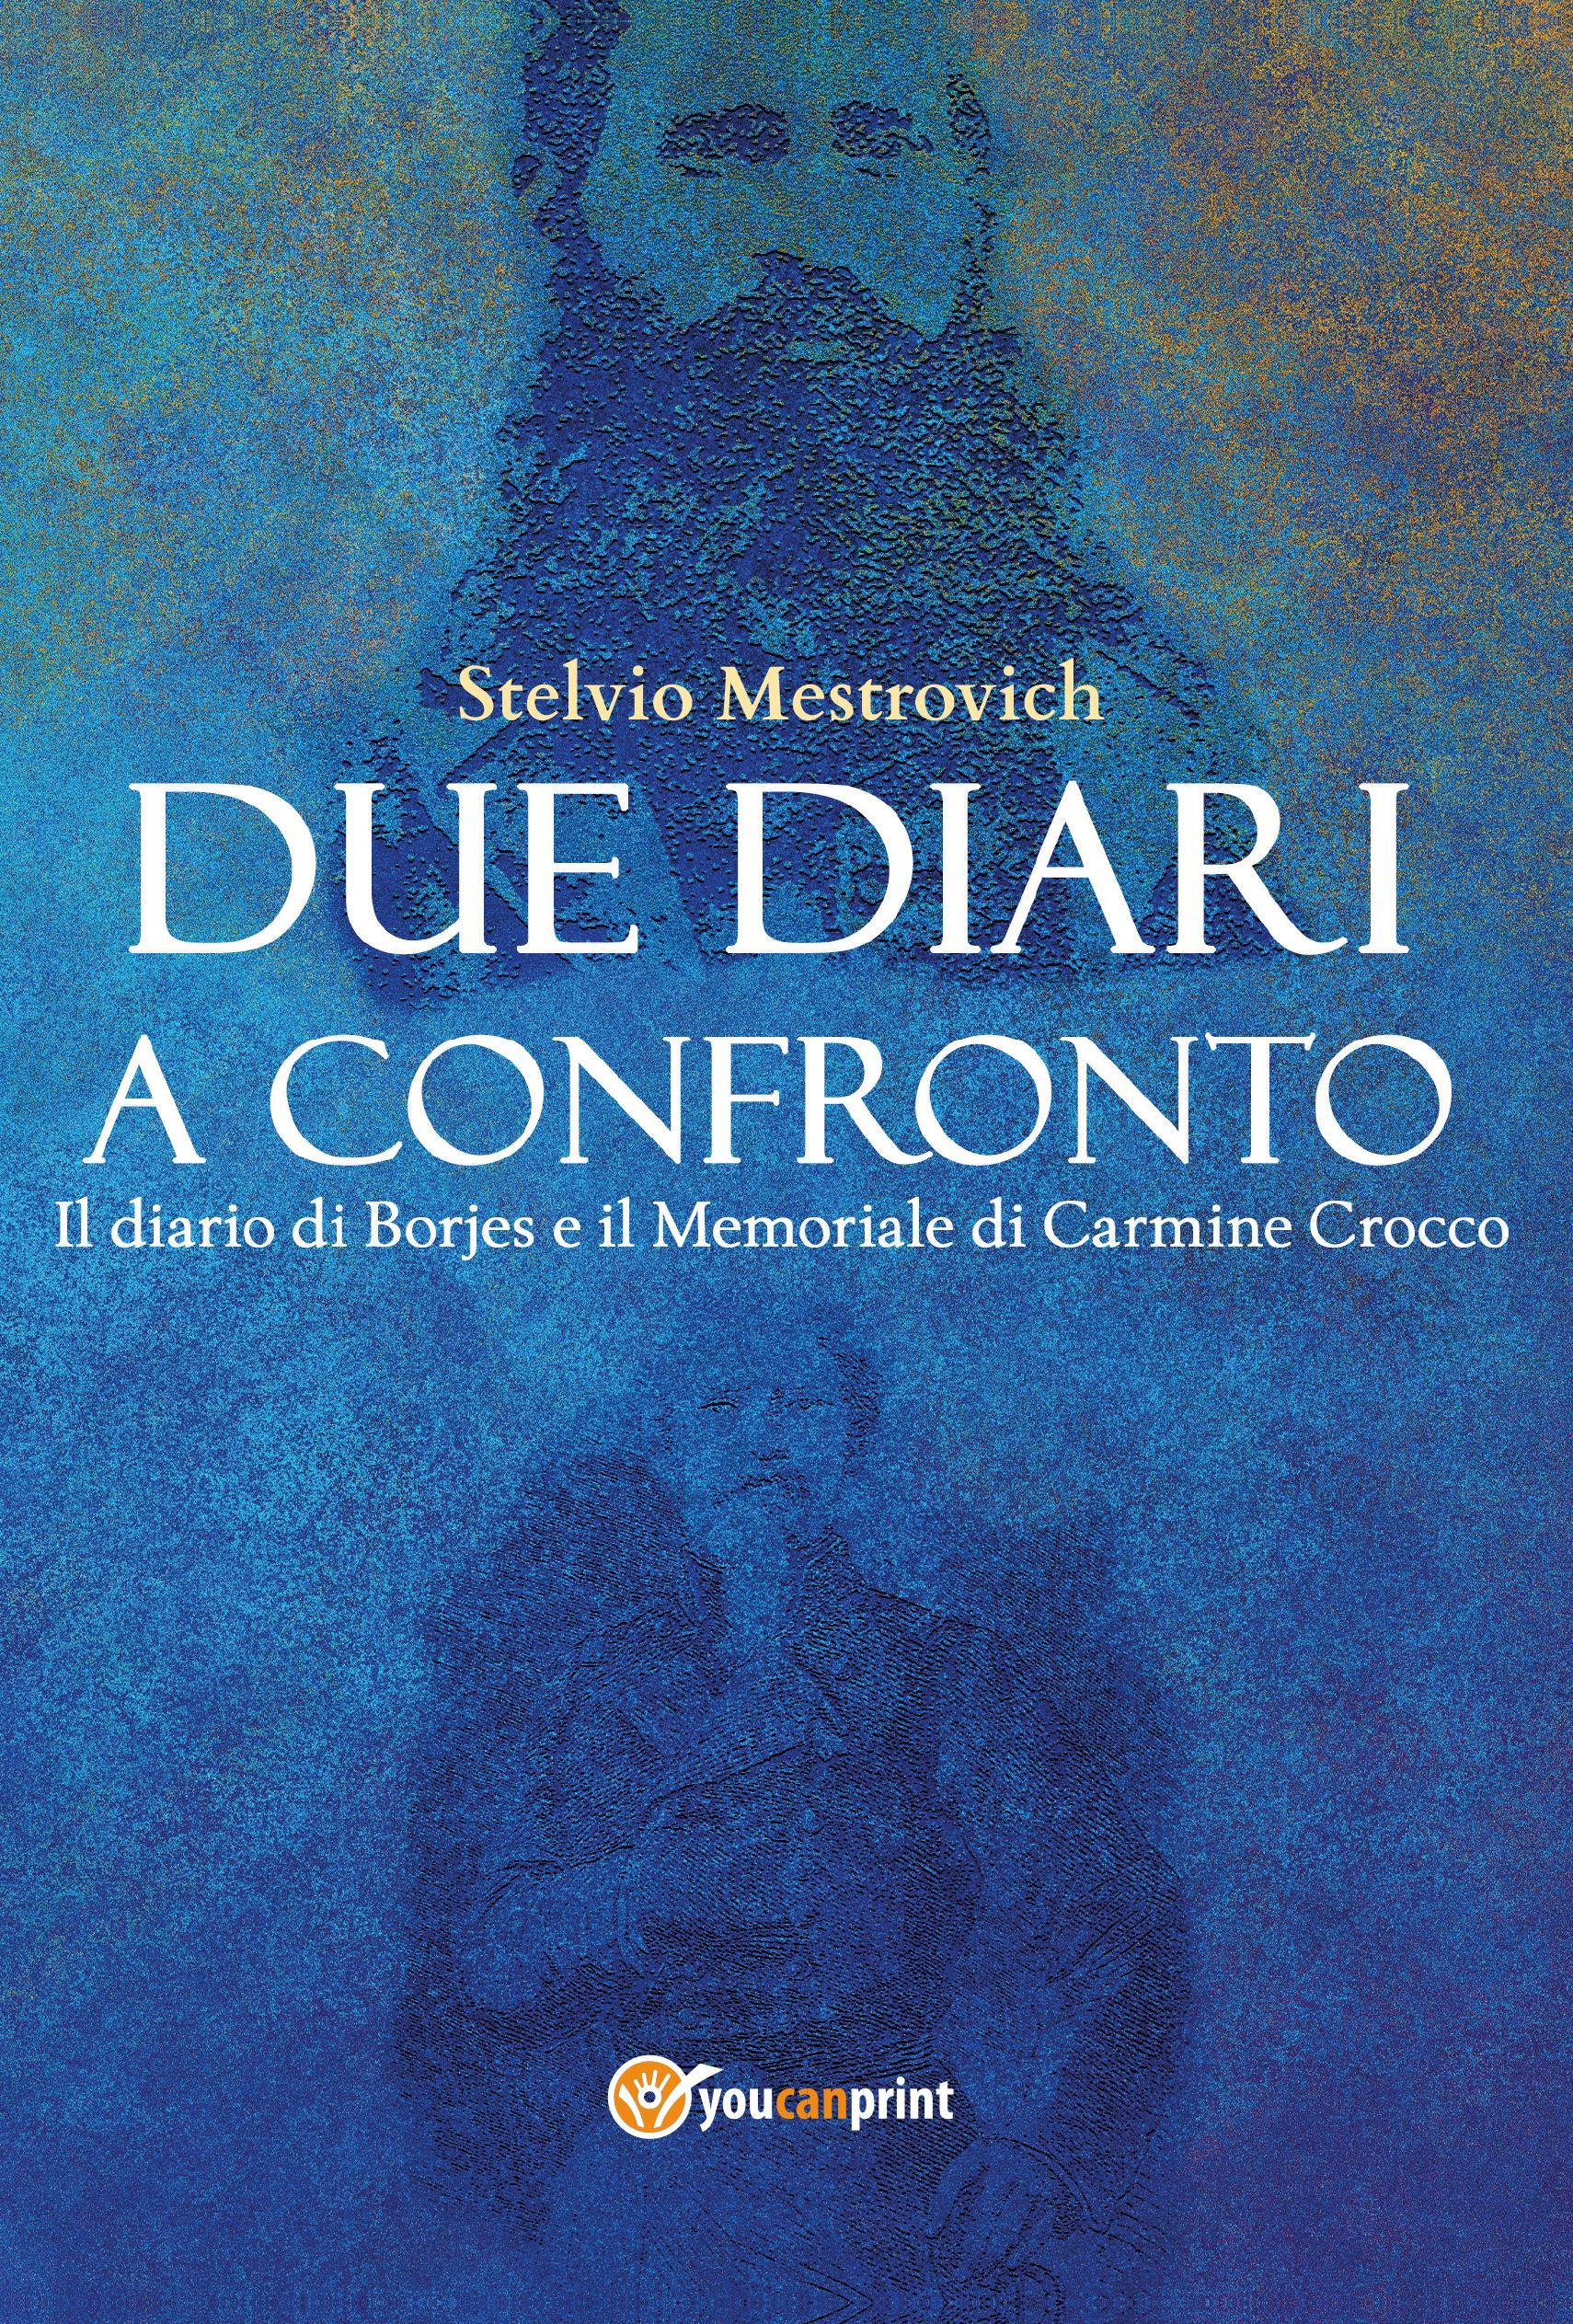 DUE DIARI A CONFRONTO. Il diario di Borjes e il Memoriale di Carmine Crocco.